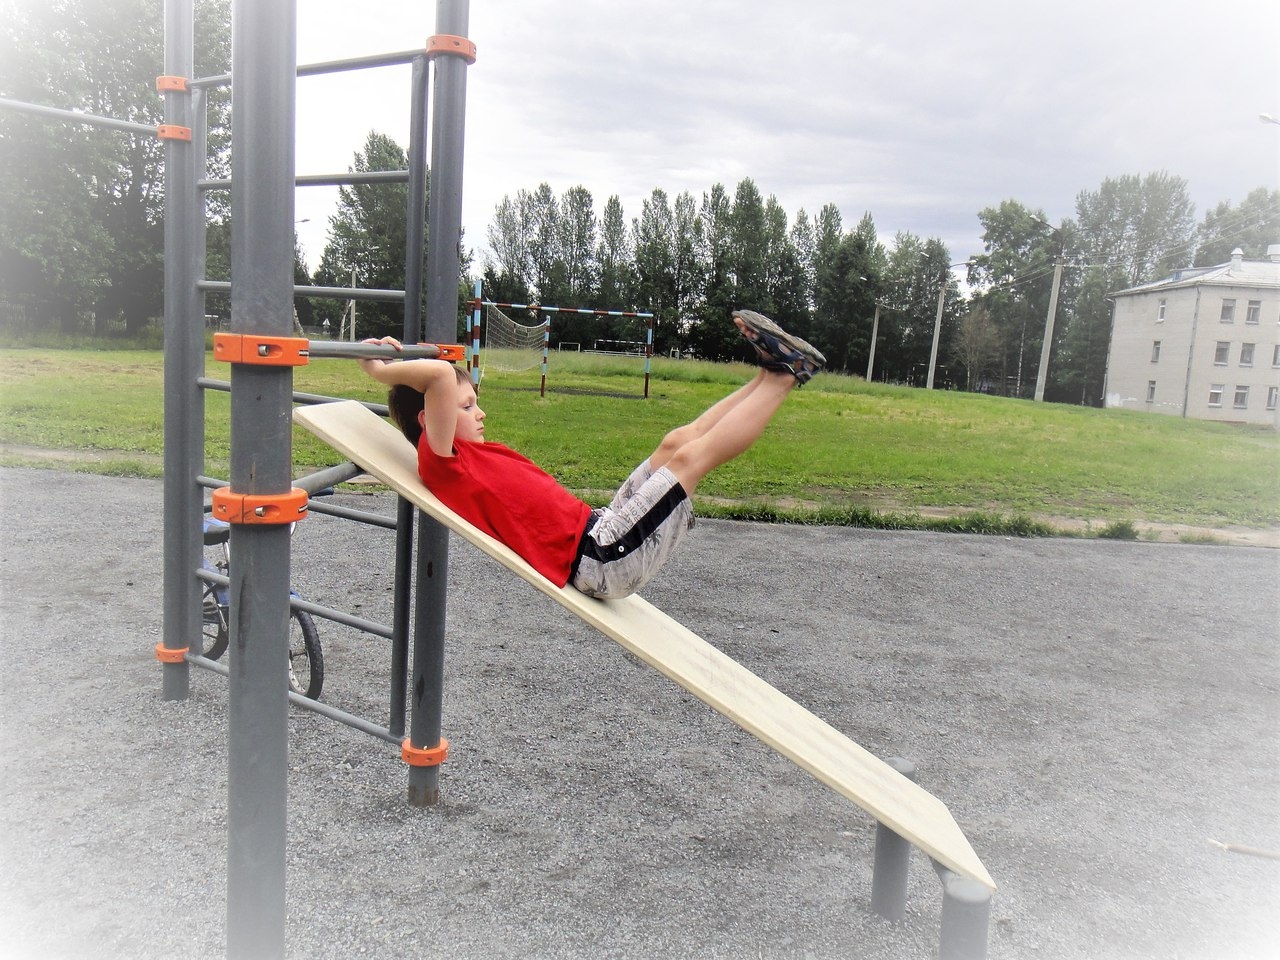 спорт снаряды дети лето новодвинск отжимания упражнения на пресс открытка